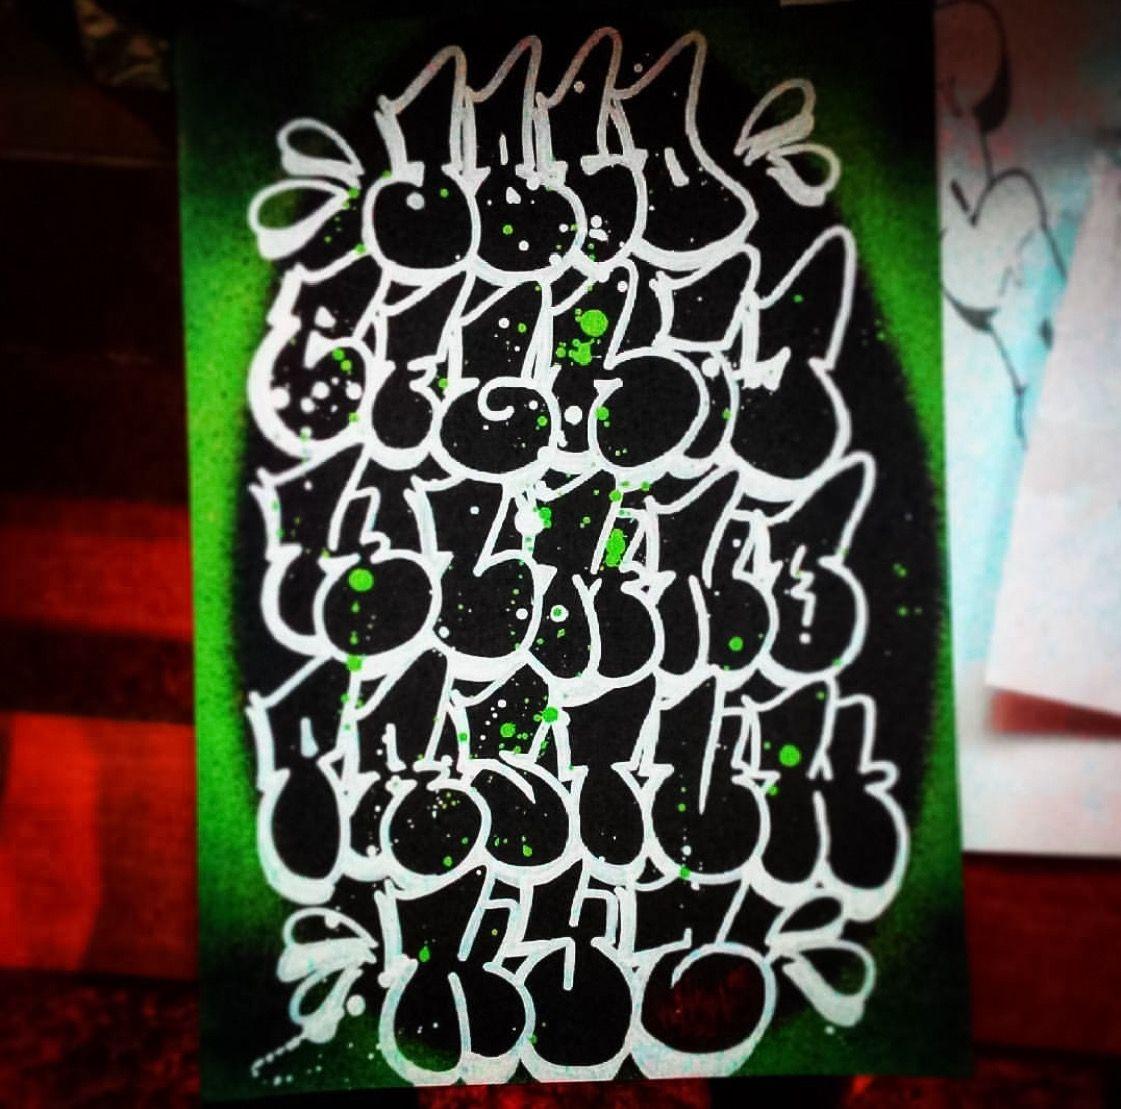 Pin by Eddie Suarez on Graffiti Pinterest Graffiti and